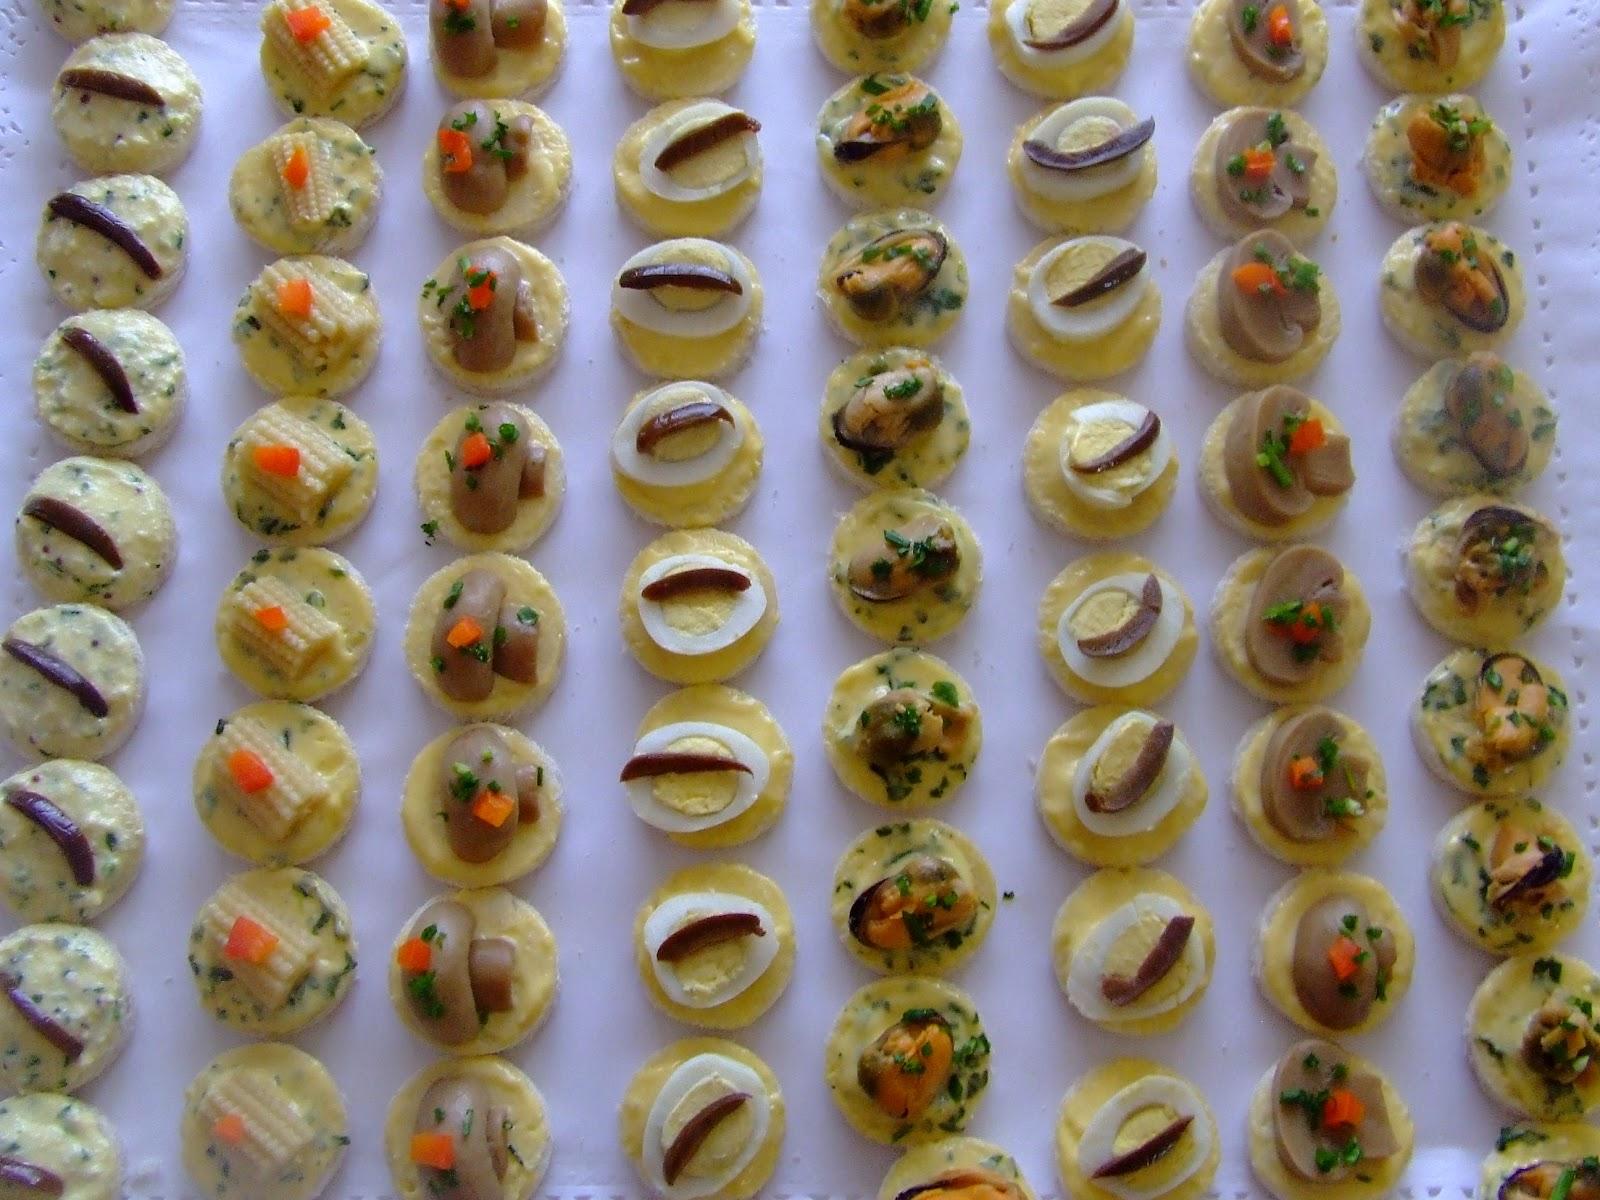 La borboleta tortas decoradas canapes para coktail - Variedad de canapes frios ...